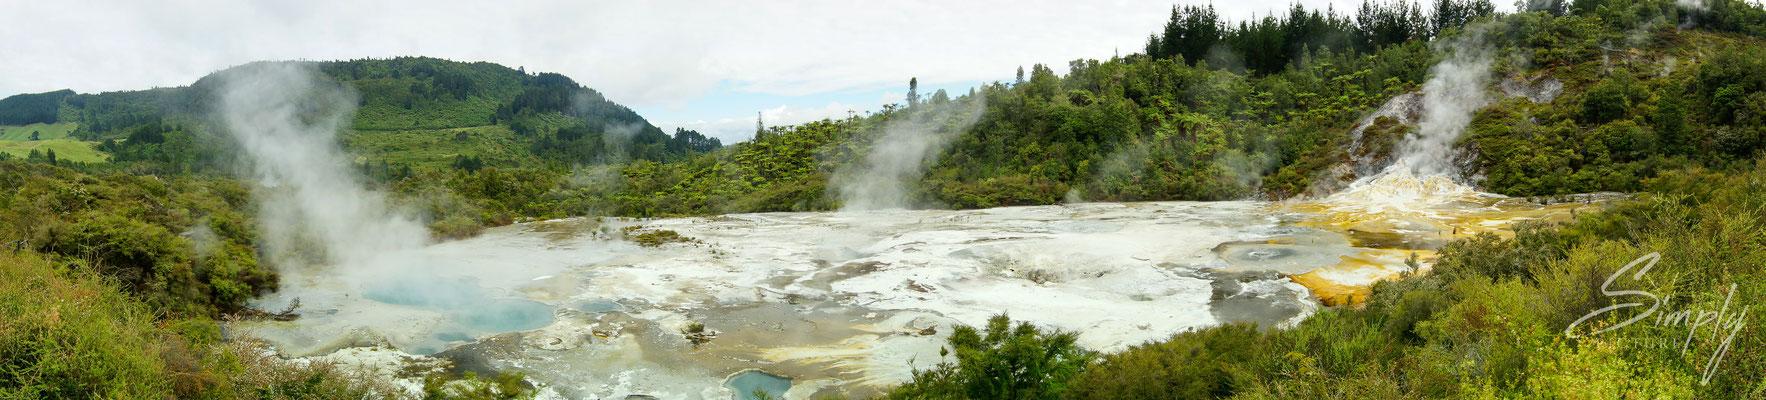 Rotorua, Hidden Valley, dampfendes vulkanisches Wasserfeld mit gelben schwefelablagerungen